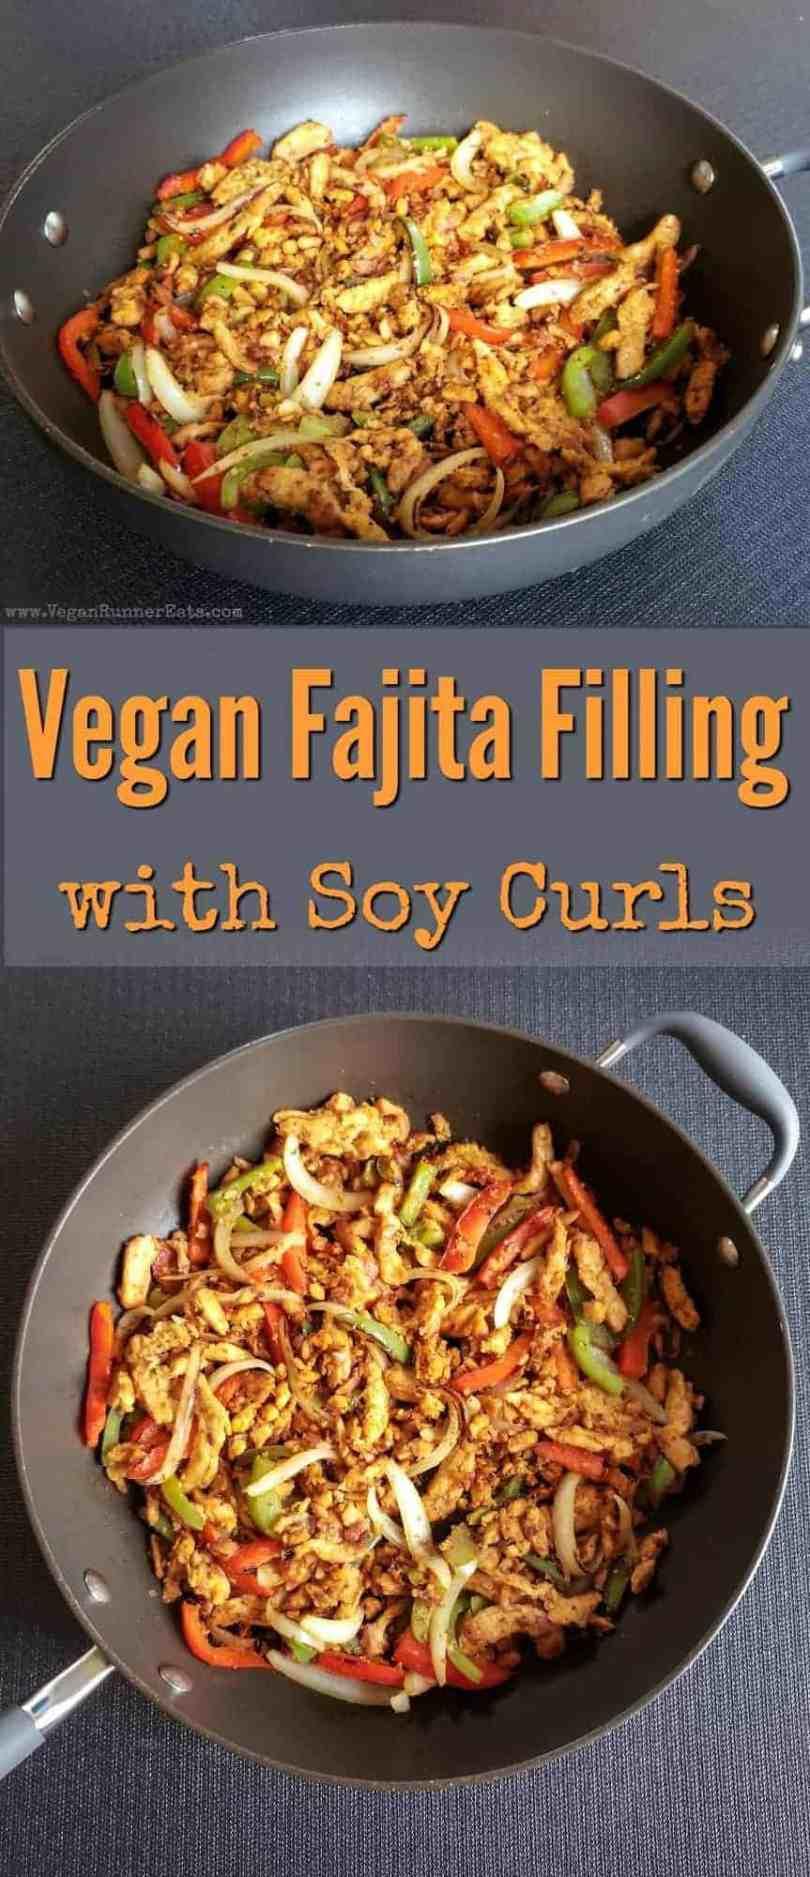 Vegan soy curl fajitas filling recipe